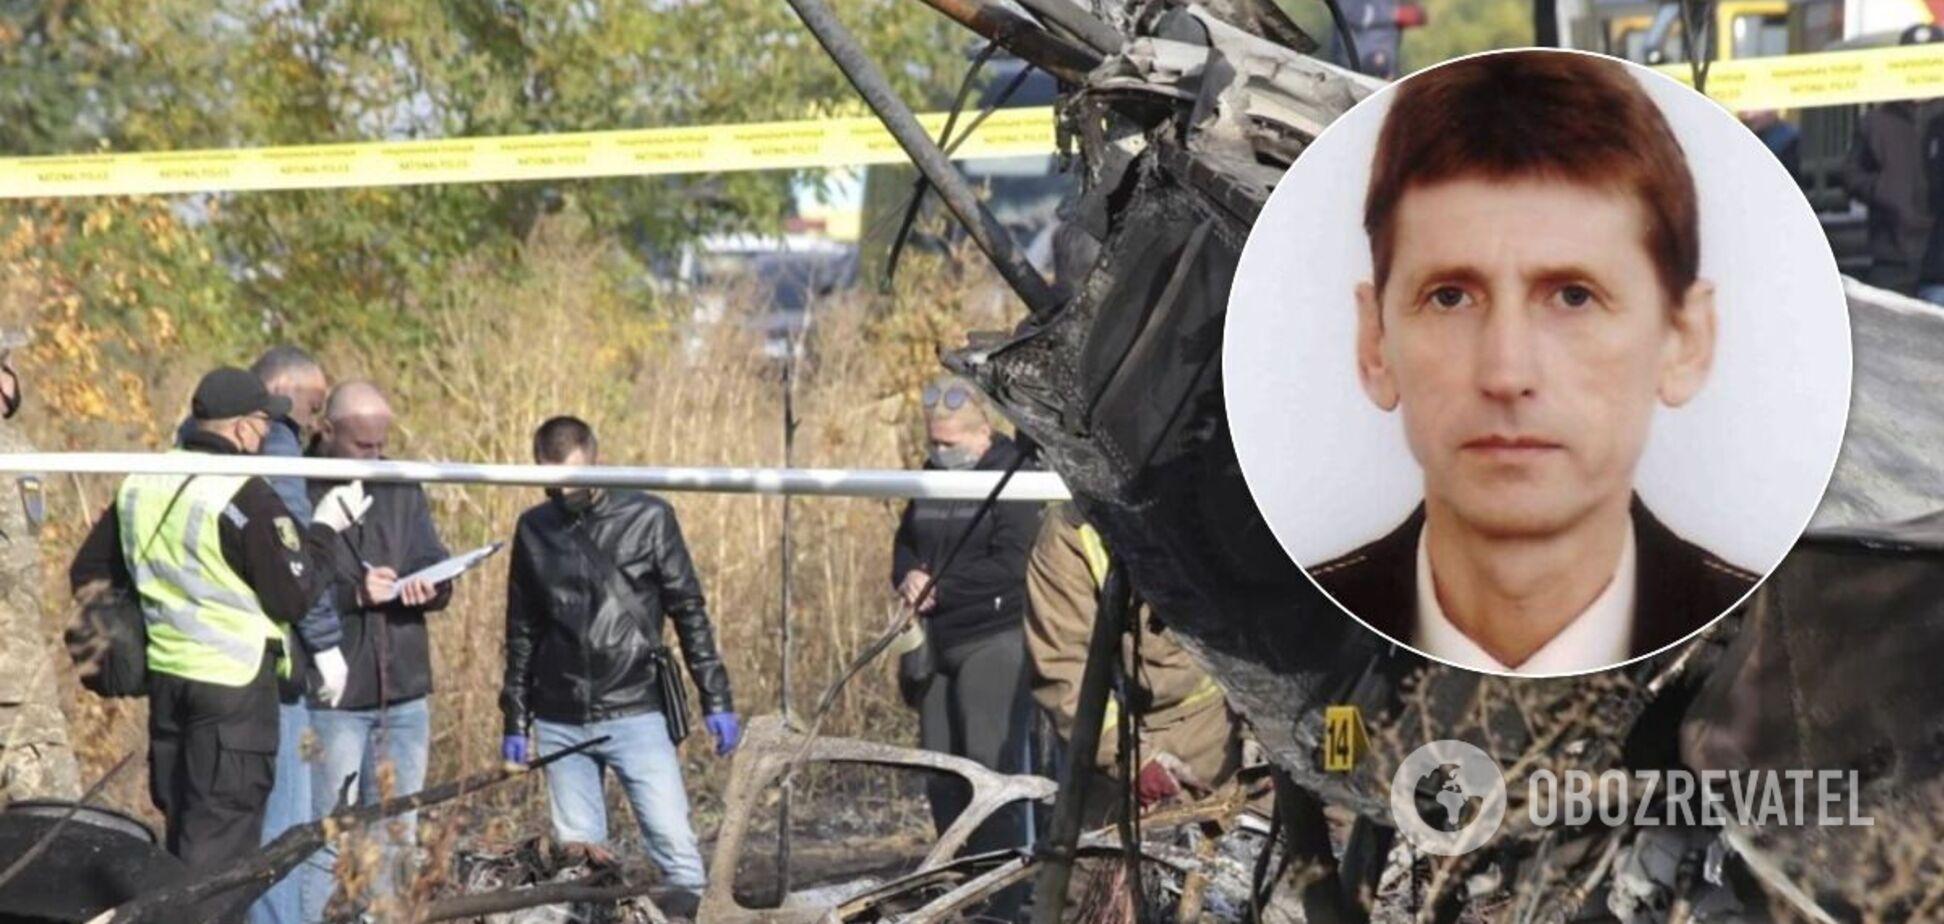 Експерт вказав на системні помилки, через що розбився Ан-26